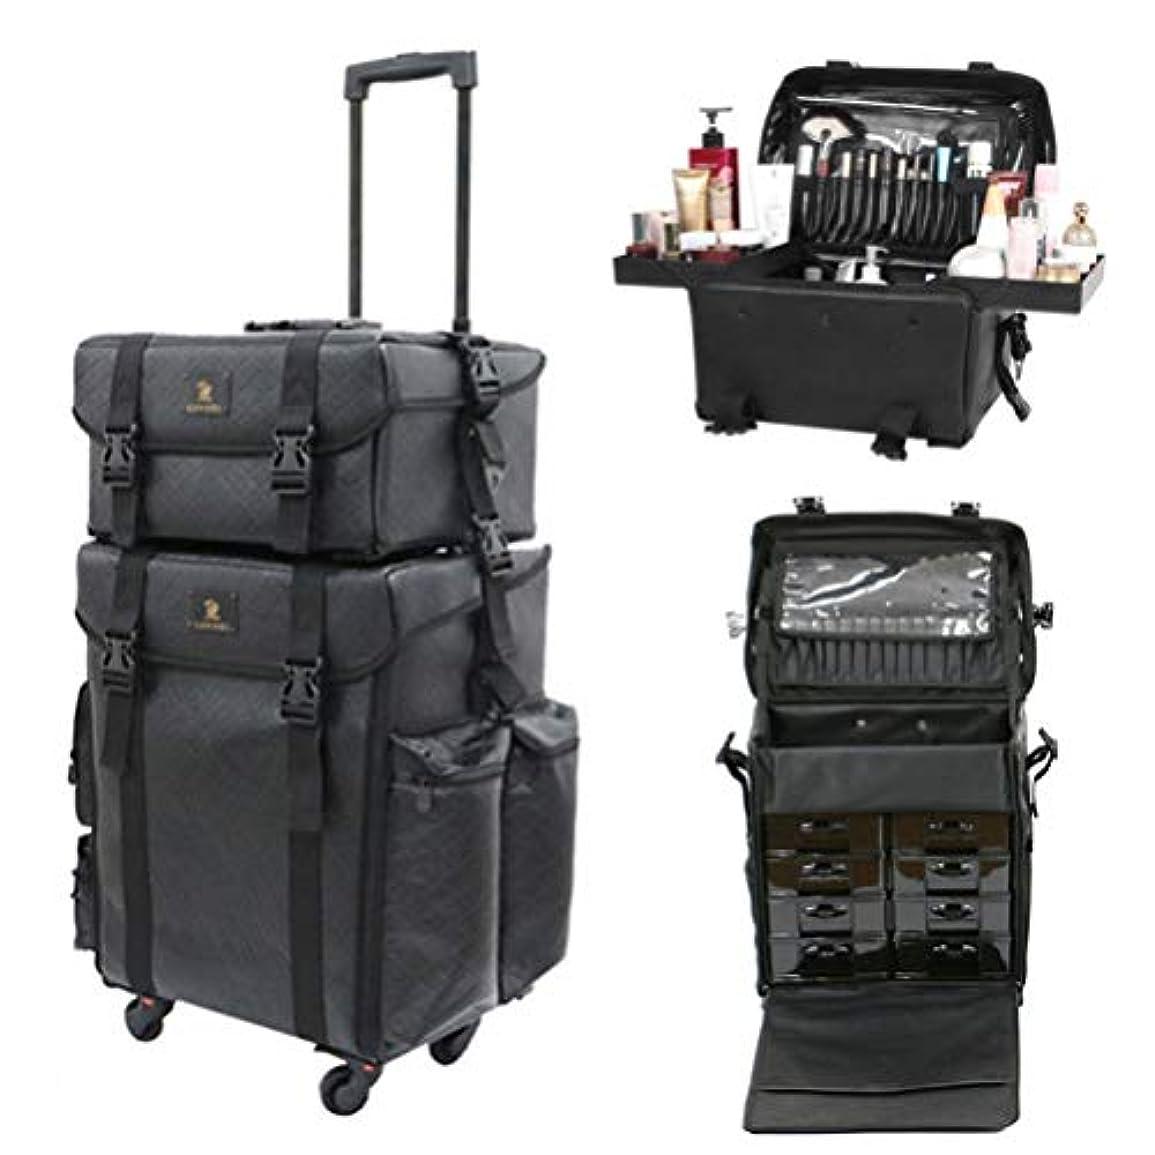 アクロバット旧正月一族LUVODI メイクボックス 大容量 プロ コスメボックス 旅行 引き出し 化粧品収納 メイクキャリーケース 美容師 化粧箱 防水 レザー 黒